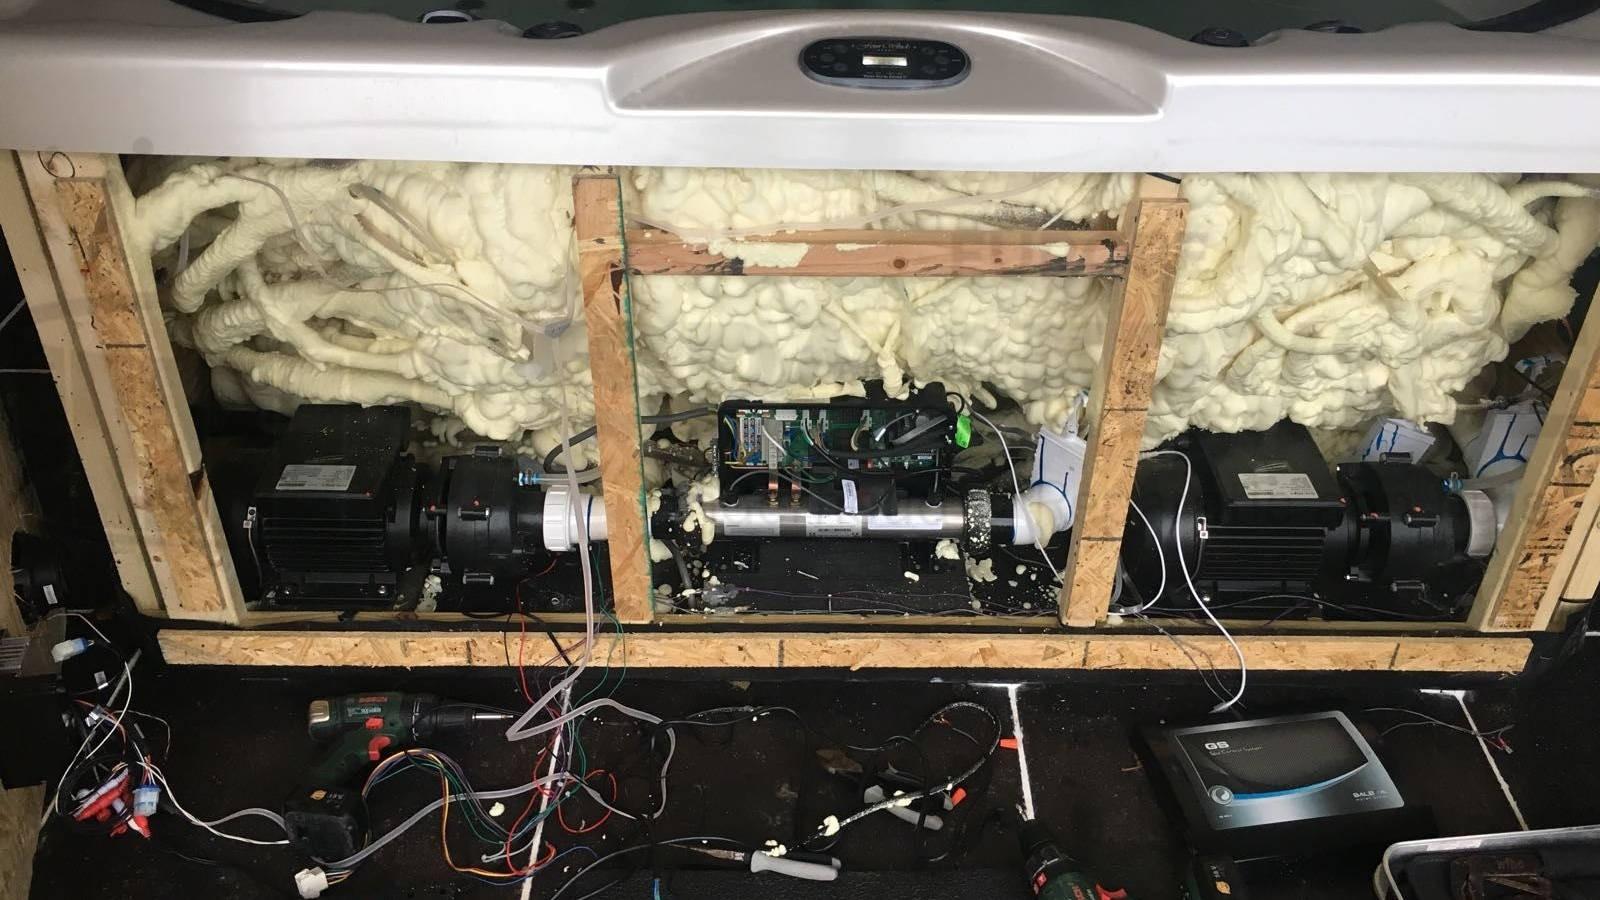 Reparatie radio, kapotte omvormer vervangen van een Jacuzzi Therapy 73 spa in Okegem België